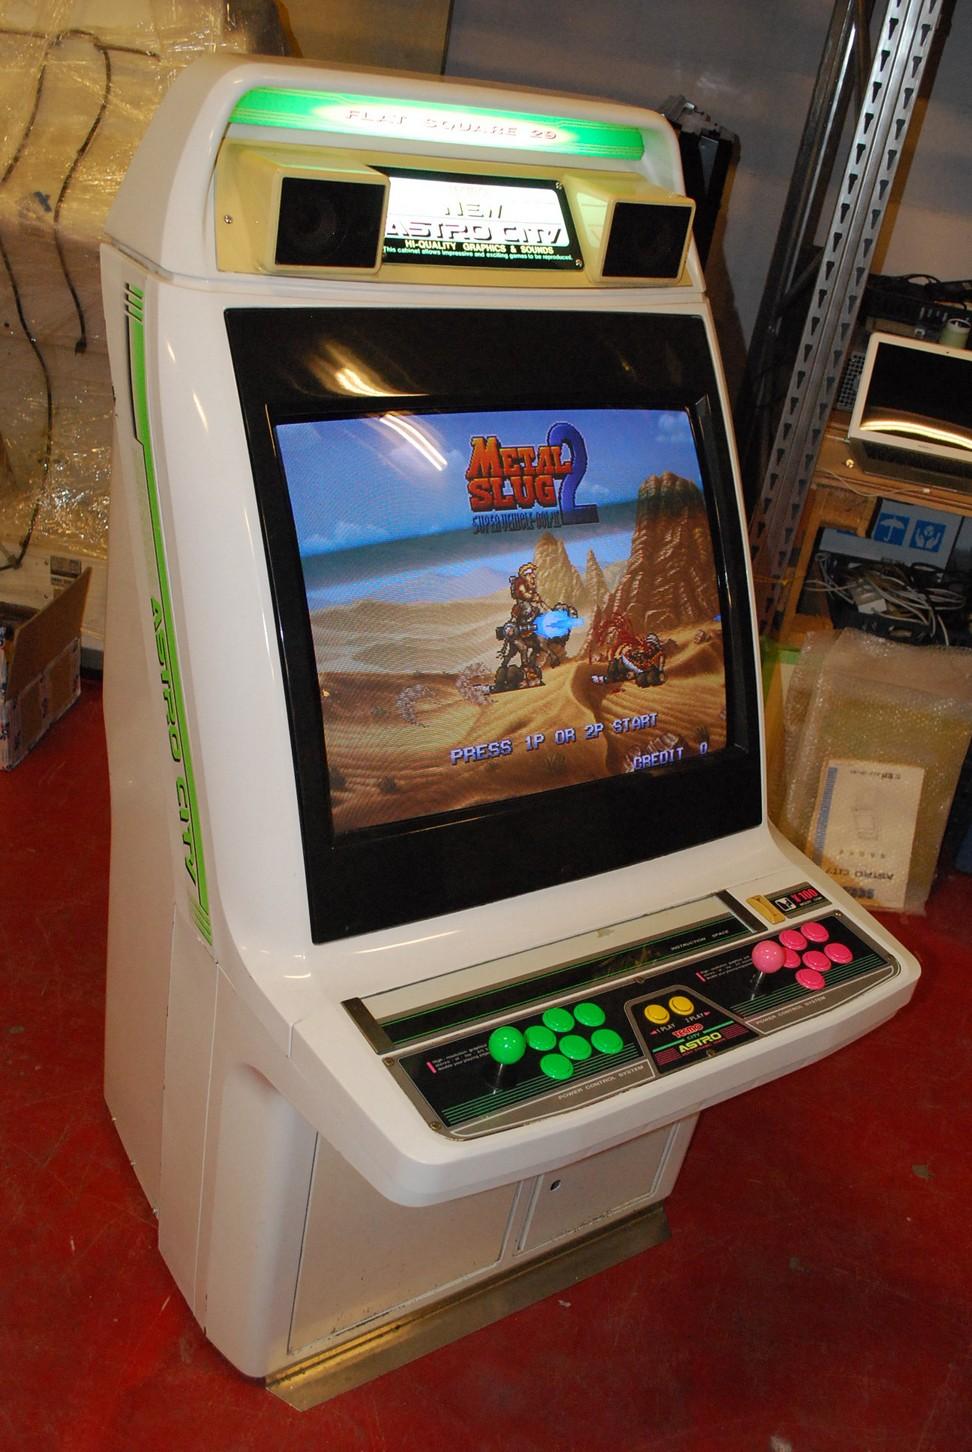 Avis et conseils borne arcade - Page 5 9249612803astro1